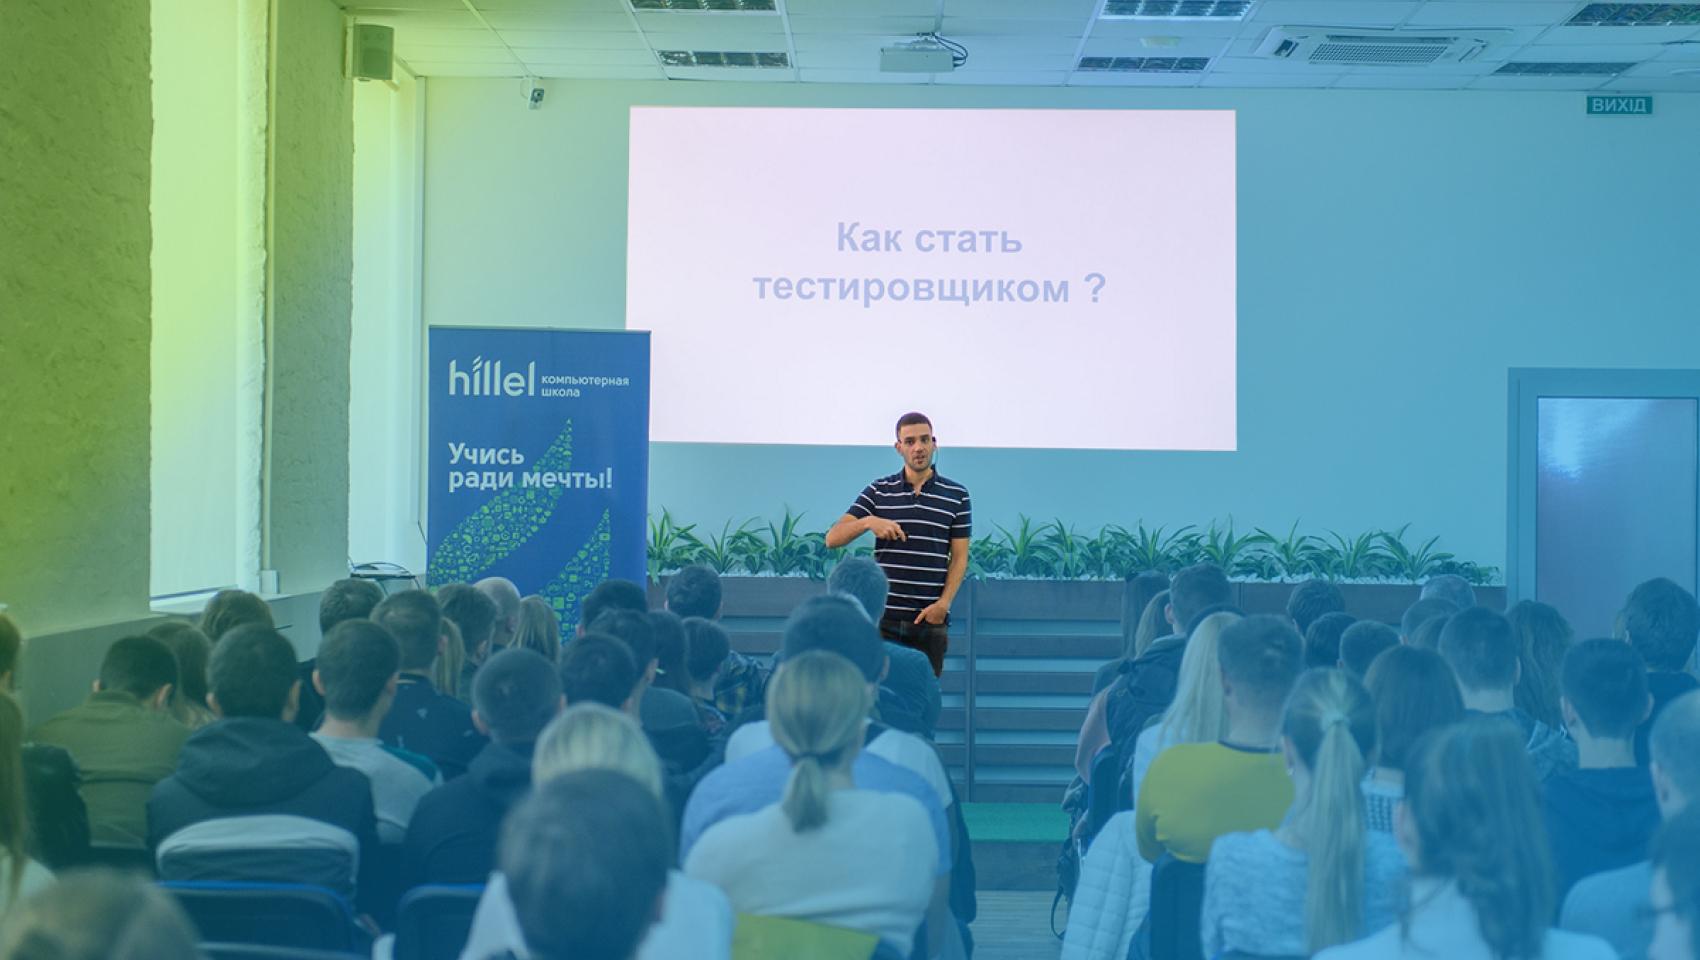 Открытая встреча «Хочу в IT. С чего начать?» в Киеве 28 марта